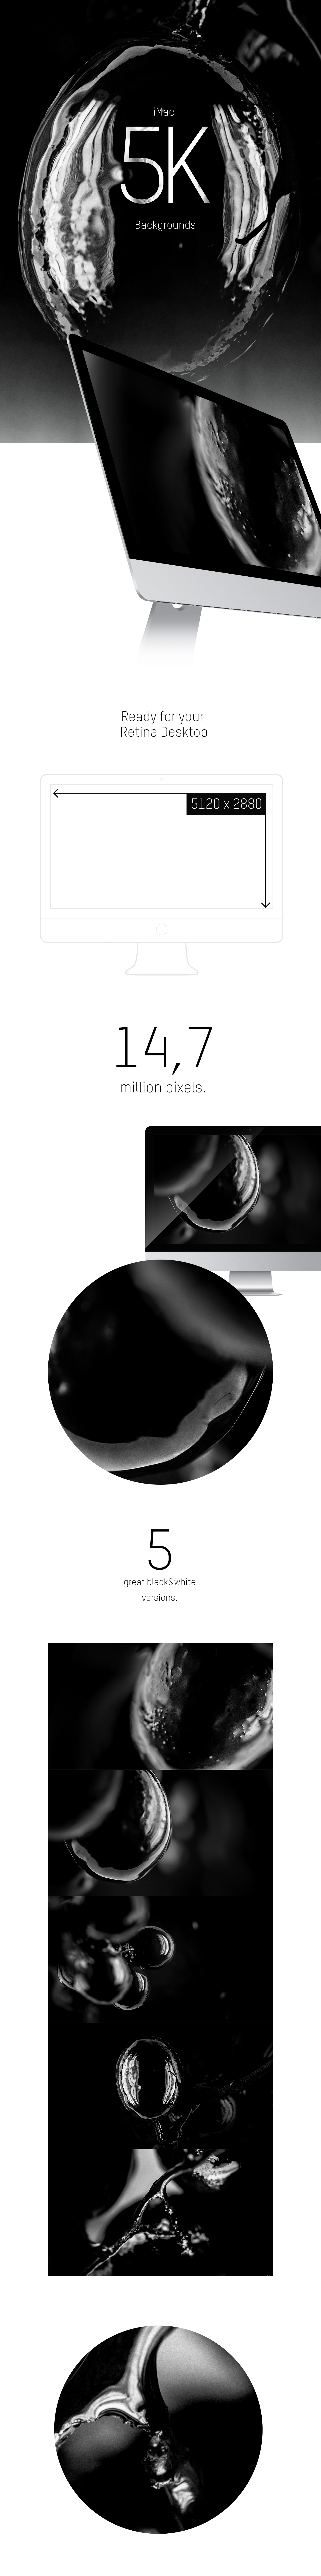 """iMac 5k highres makro bw black dark reflection S44 Spektrum44 27"""" free backgrounds wallpaper design"""